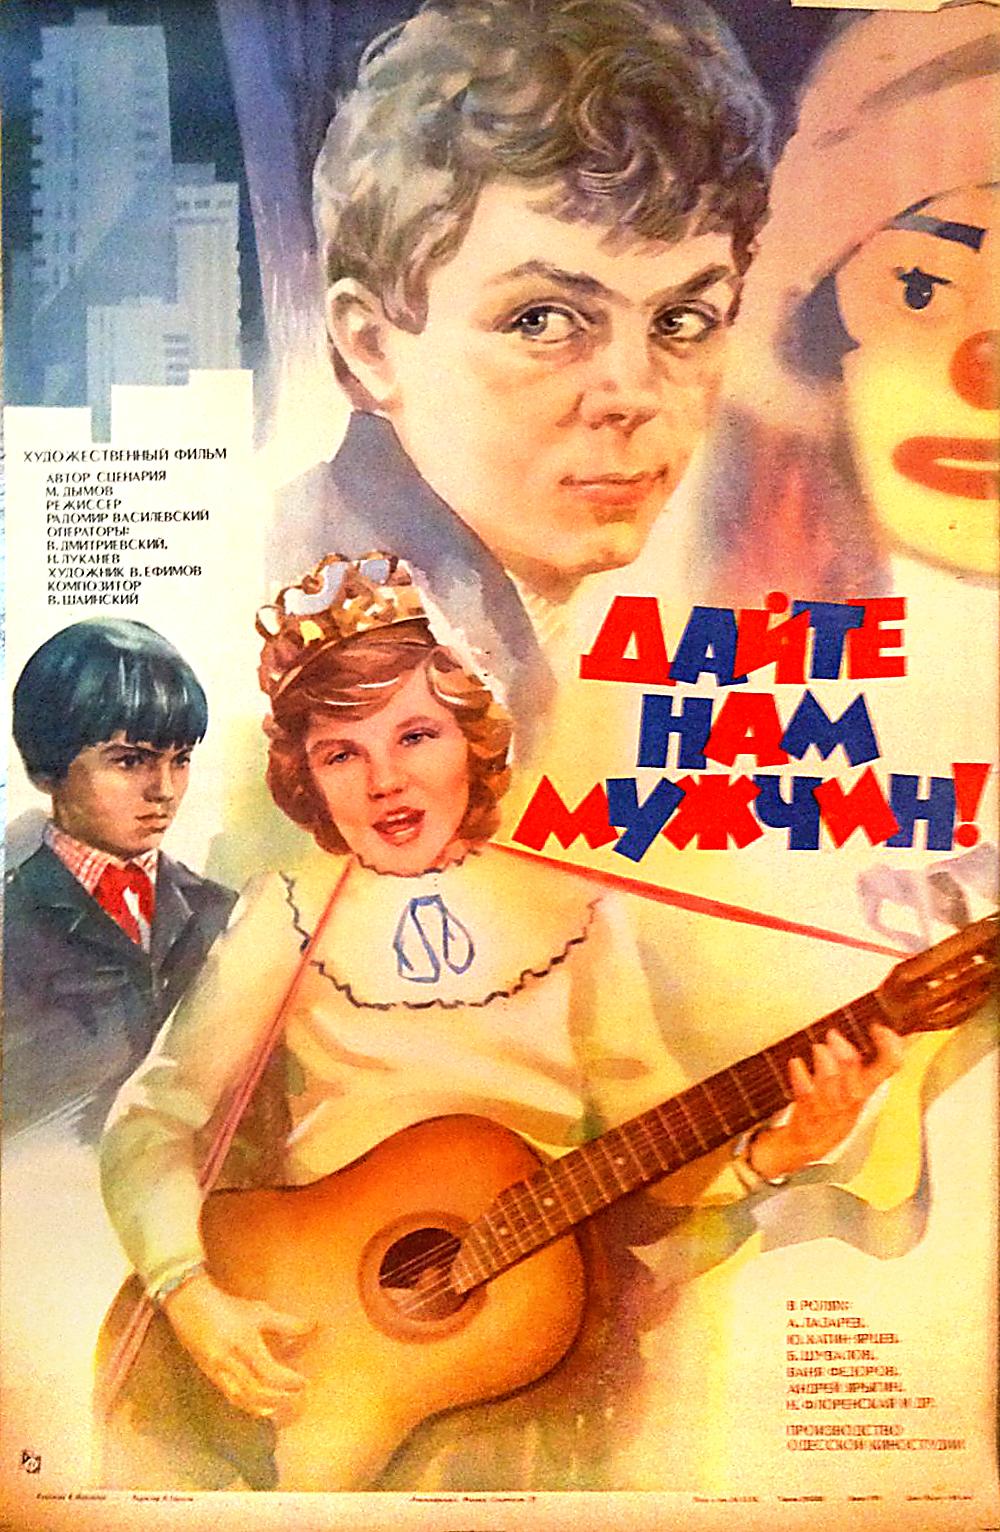 Dayte nam muzhchin! ((1985))